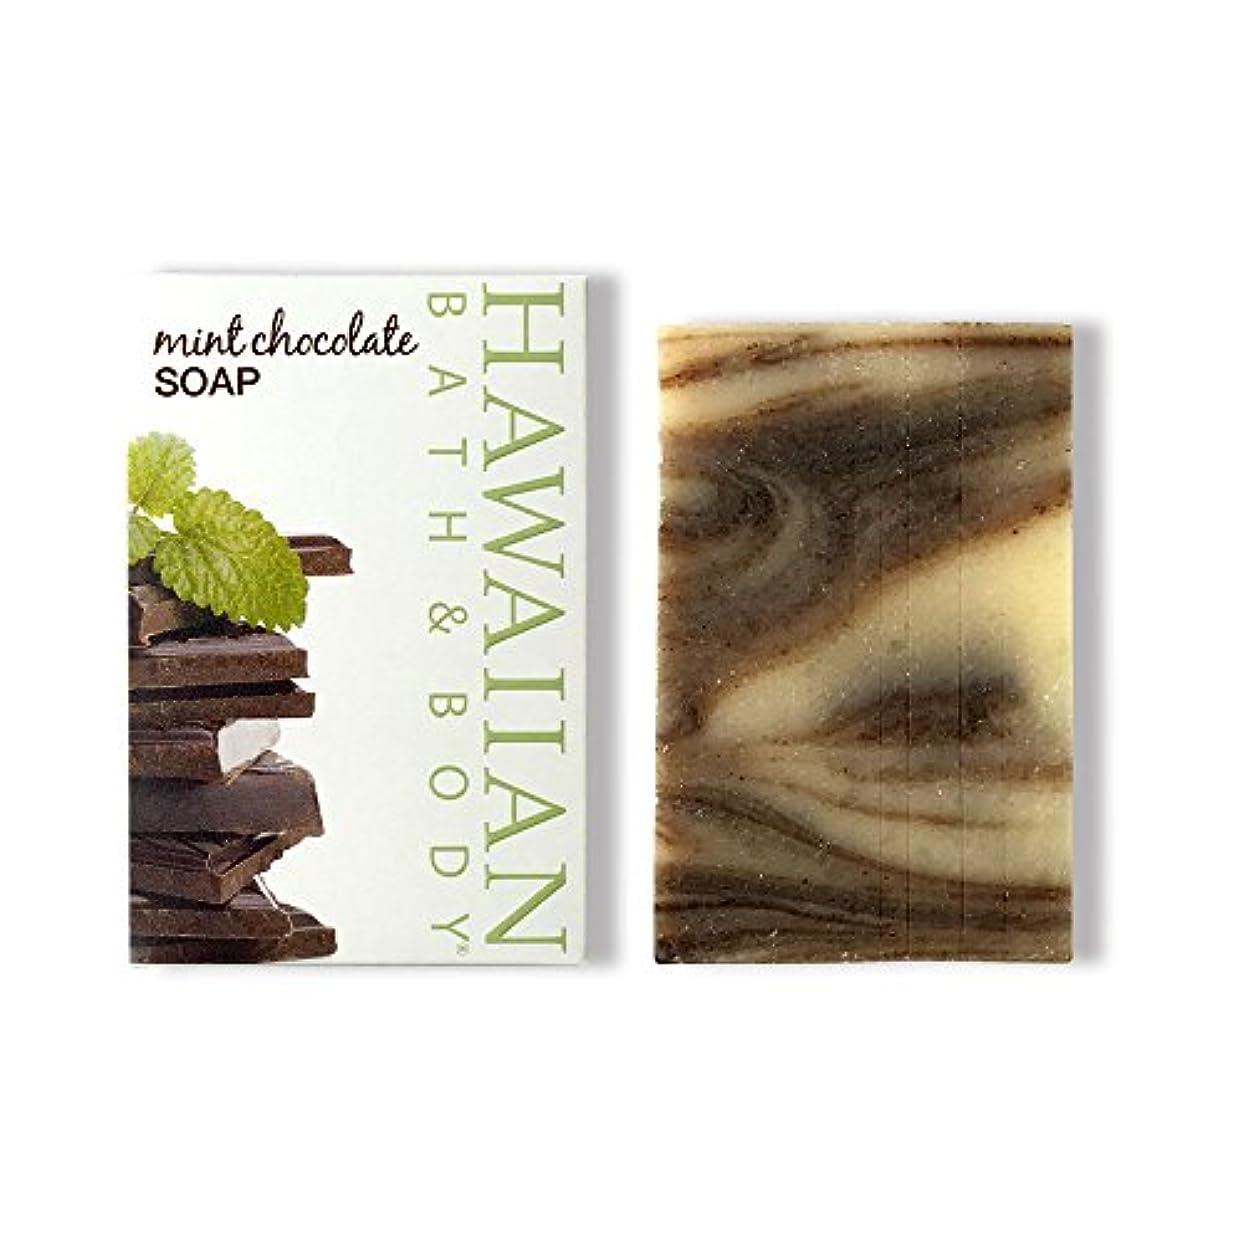 胴体ペース山岳ハワイアンバス&ボディ ハワイアン?ミントチョコレートソープ ( Hawaii Mint Chocolate Soap )